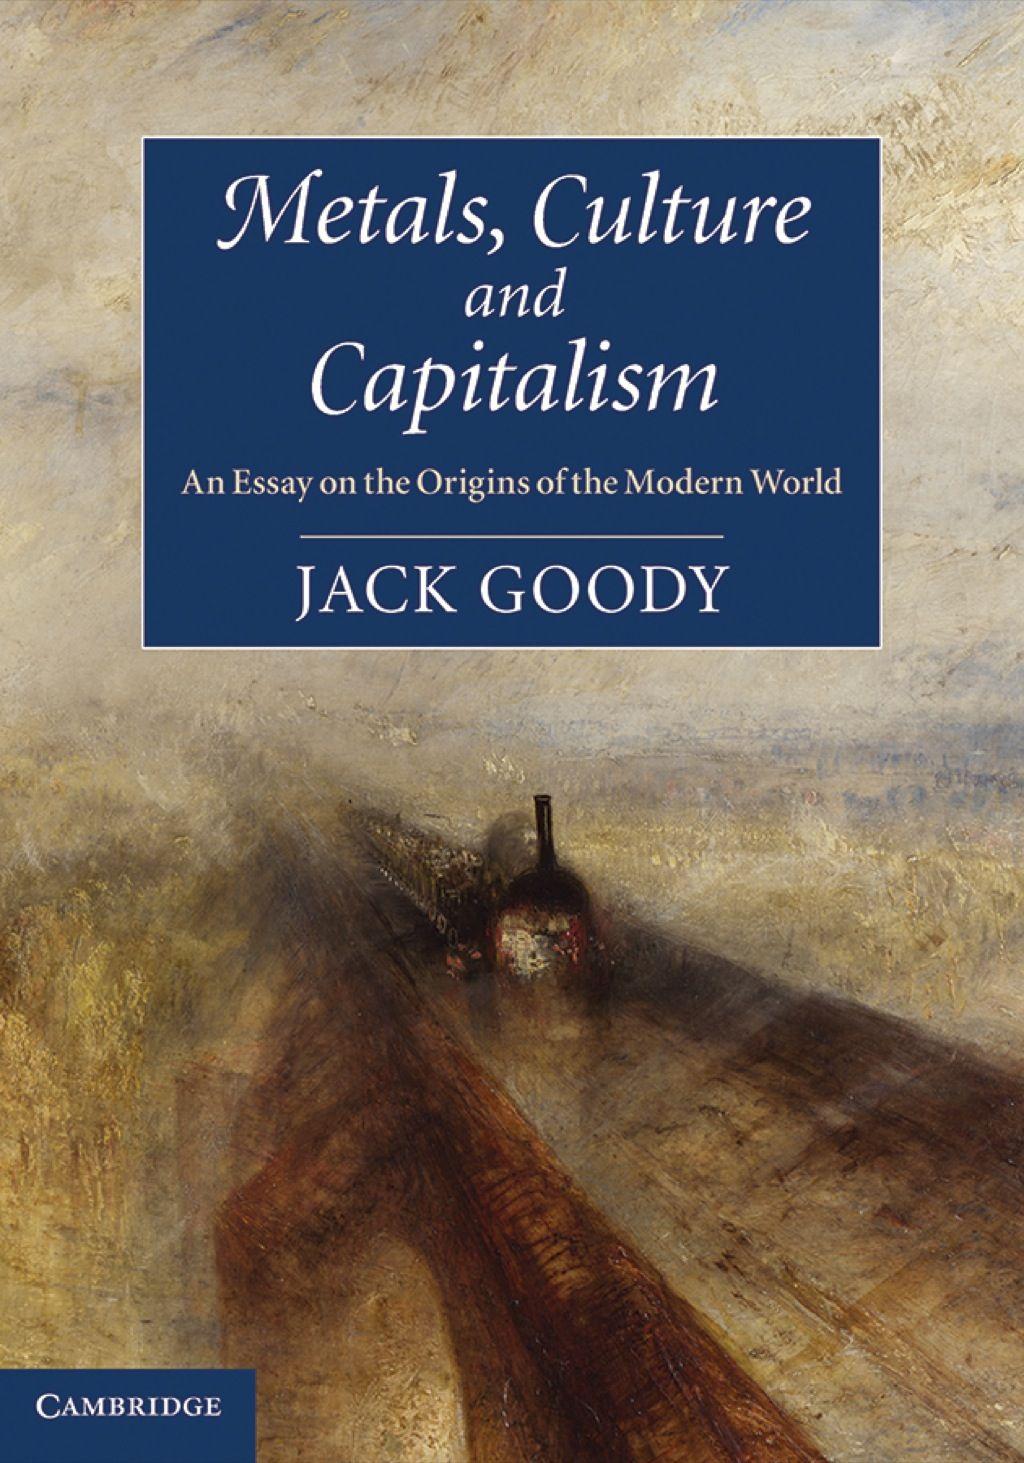 Metals culture and capitalism ebook best essay writing